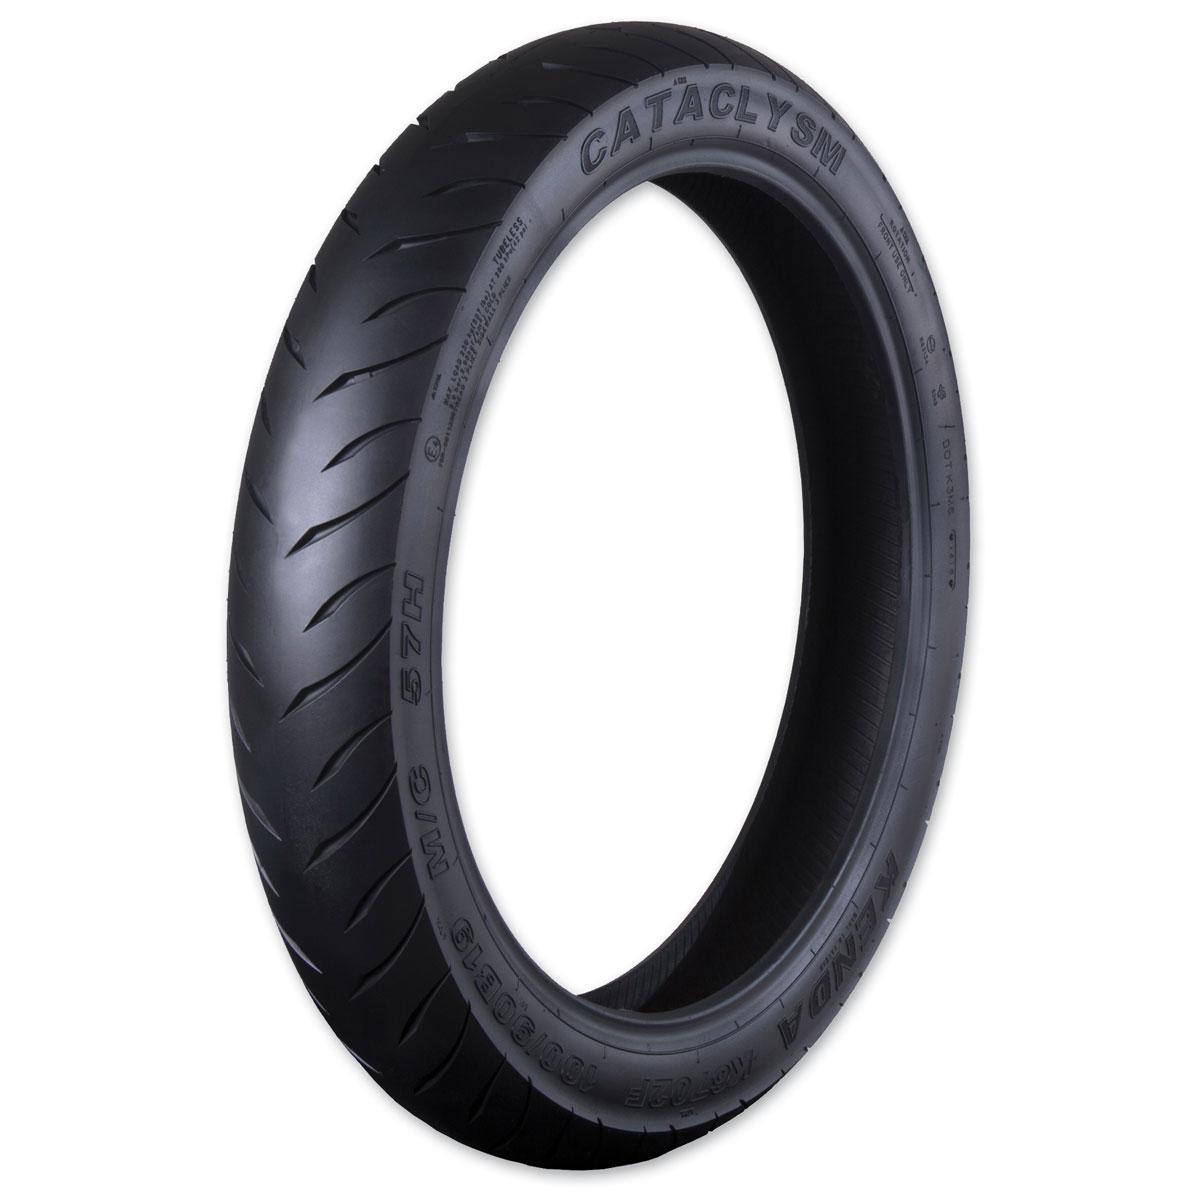 Kenda Tires K6702 Cataclysm 130/80B17 Front Tire